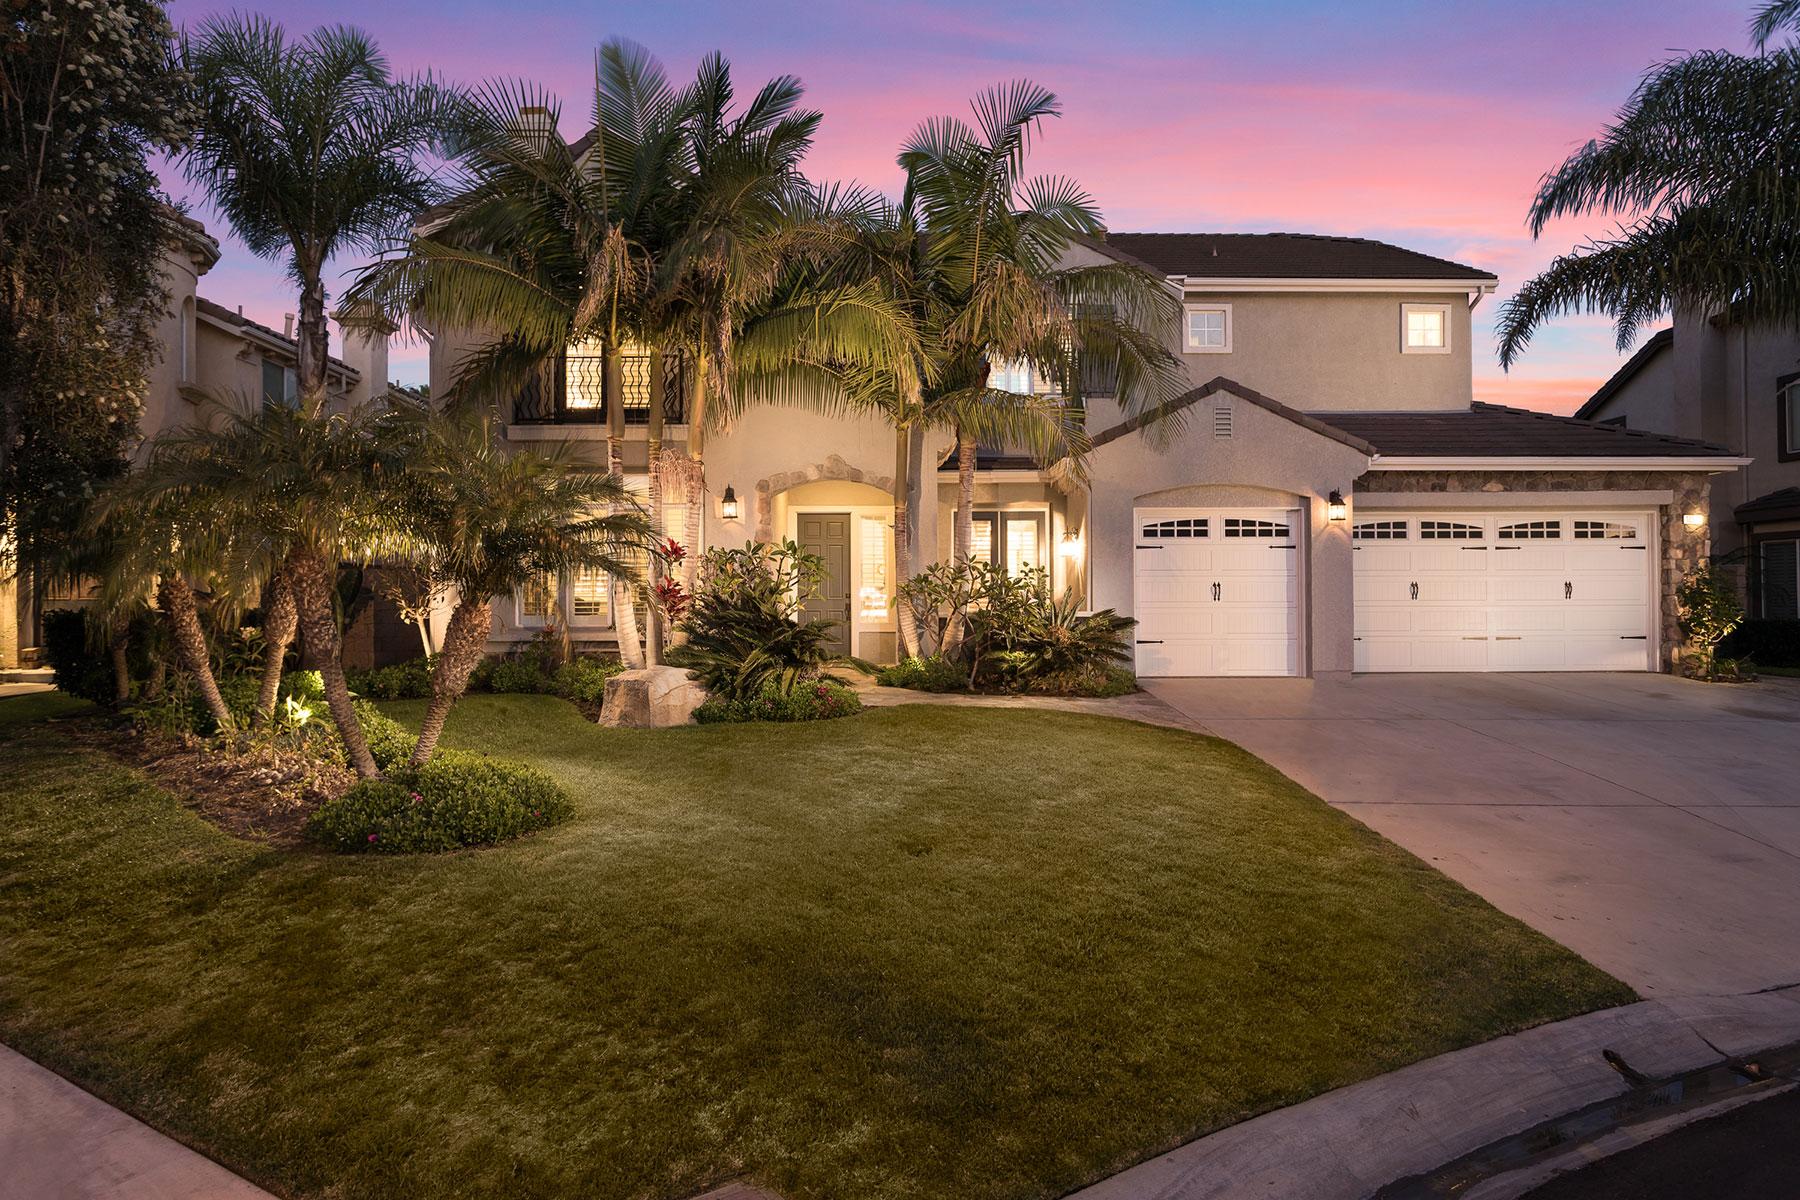 独户住宅 为 销售 在 18542 Derby 杭廷顿海滩, 加利福尼亚州, 92648 美国